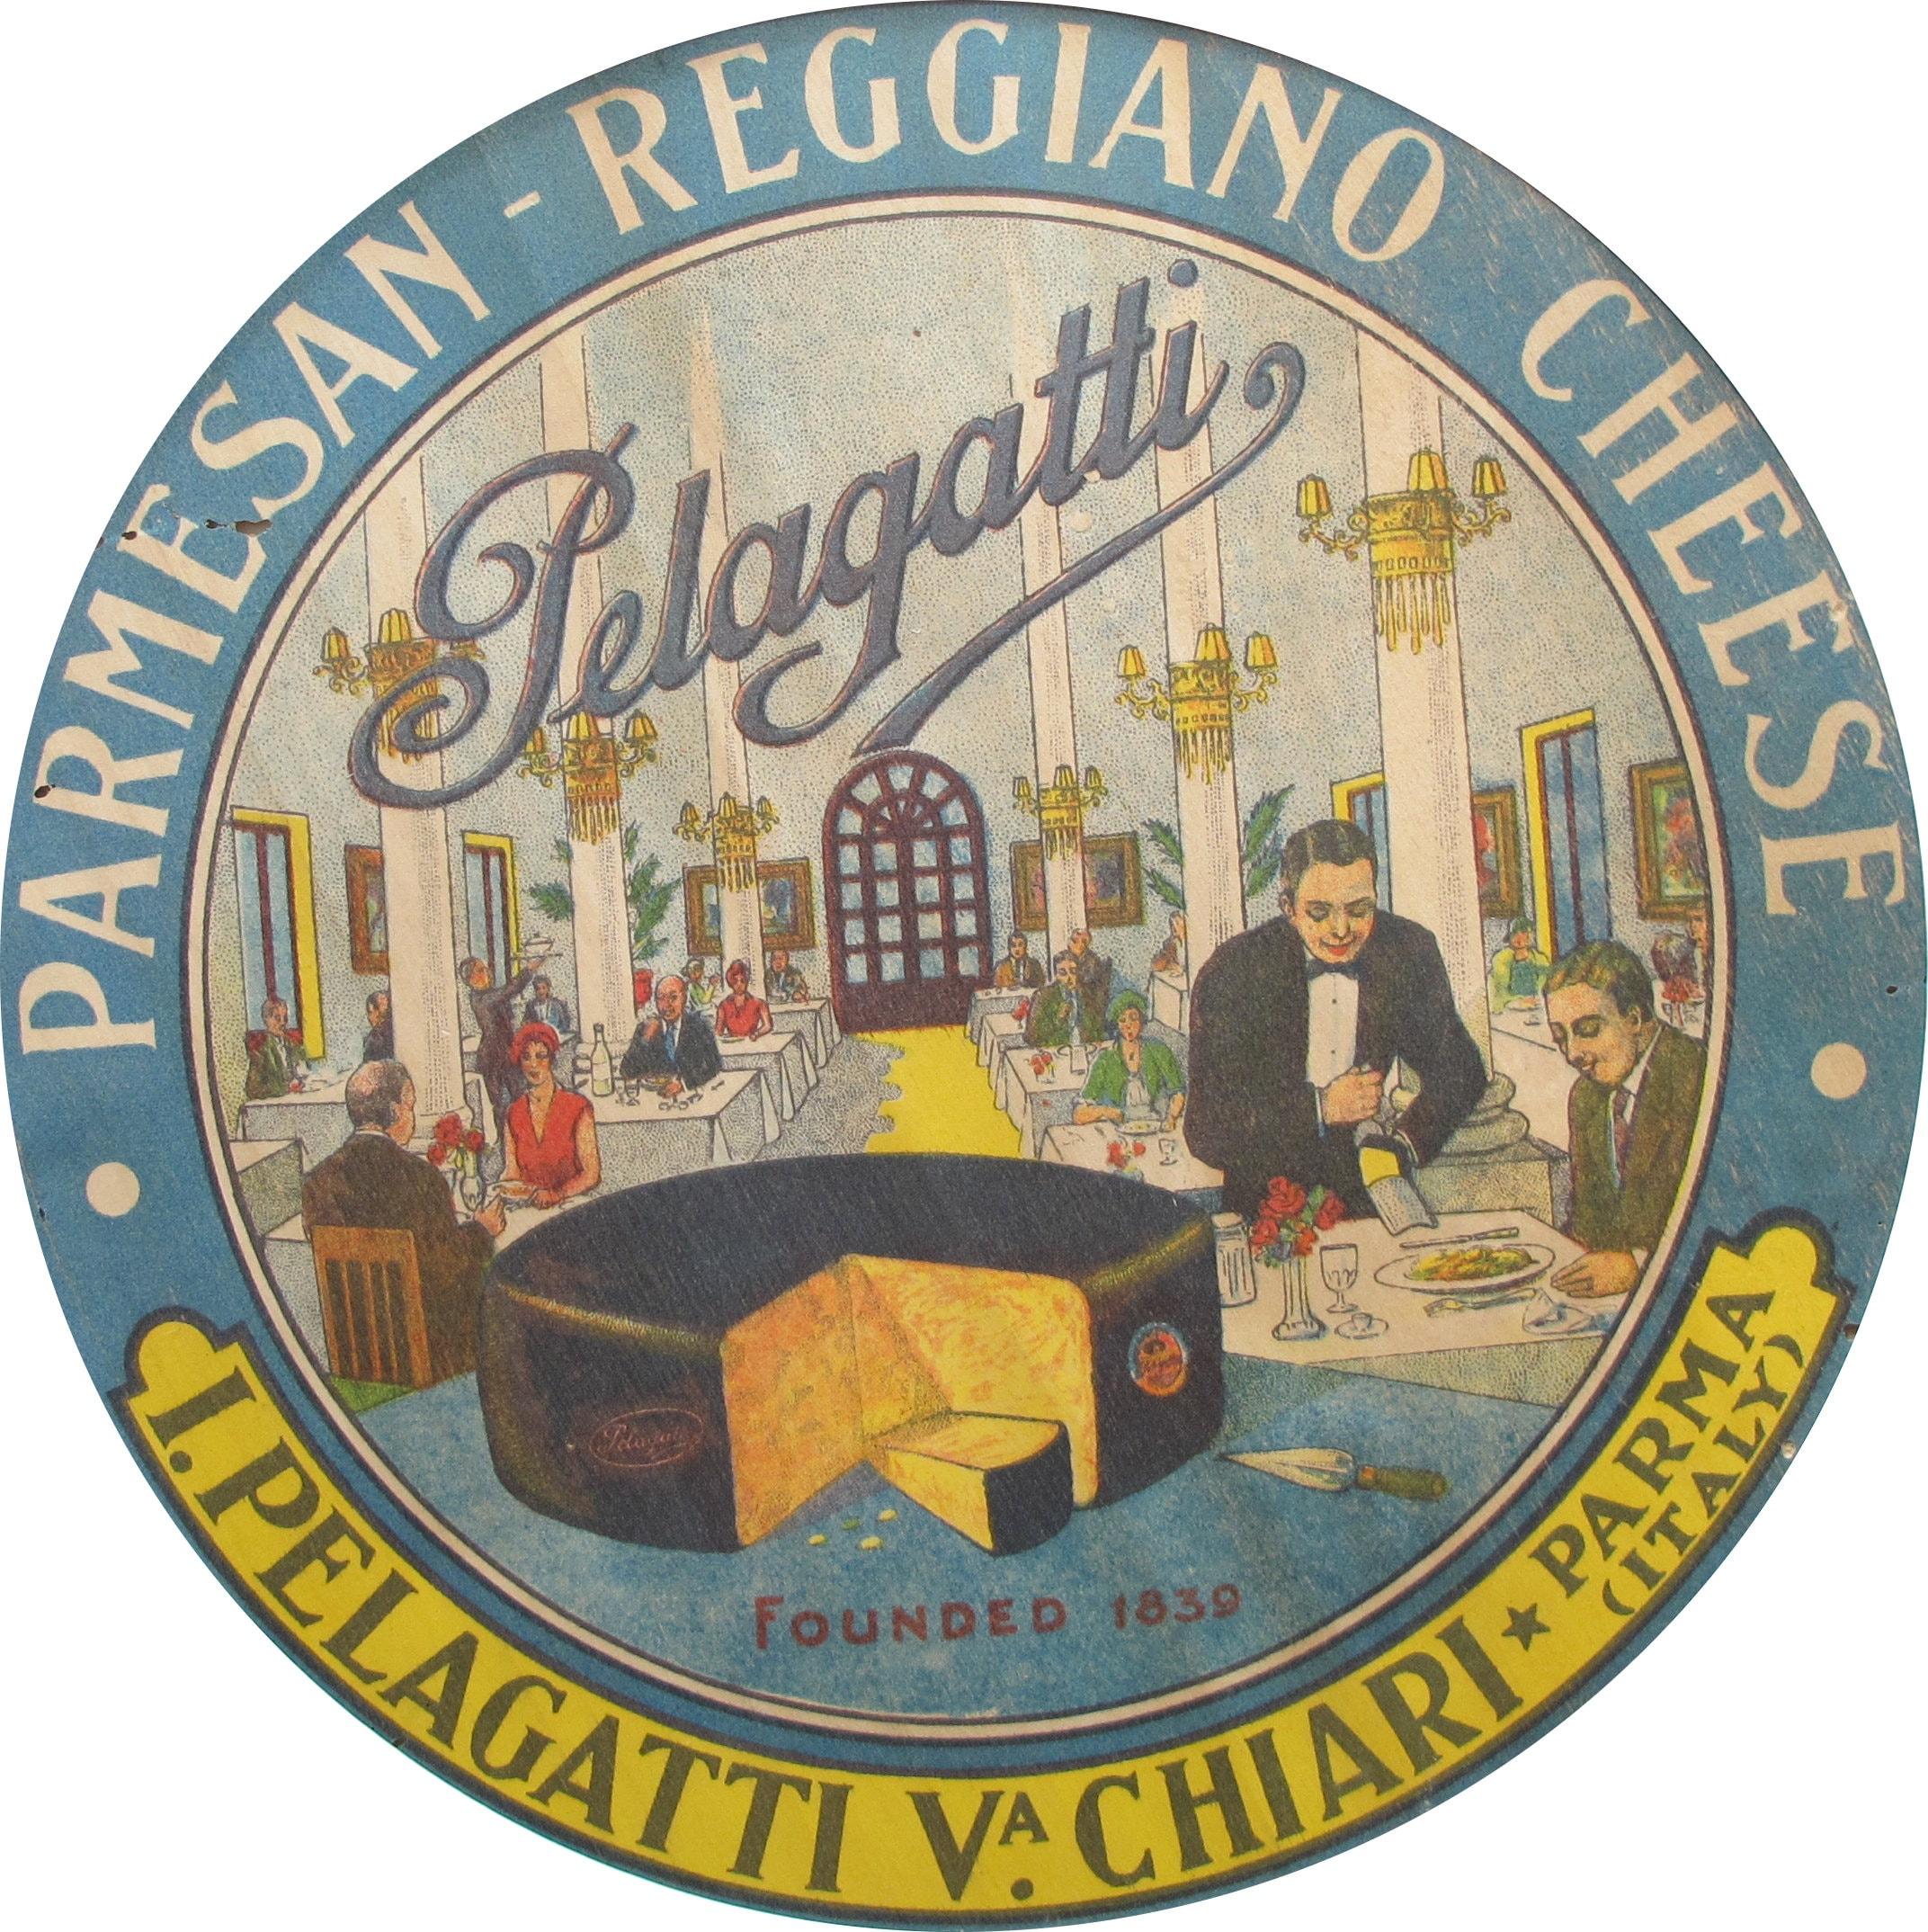 1930er Jahre italienisches Essen Poster runde Käse Etiketten